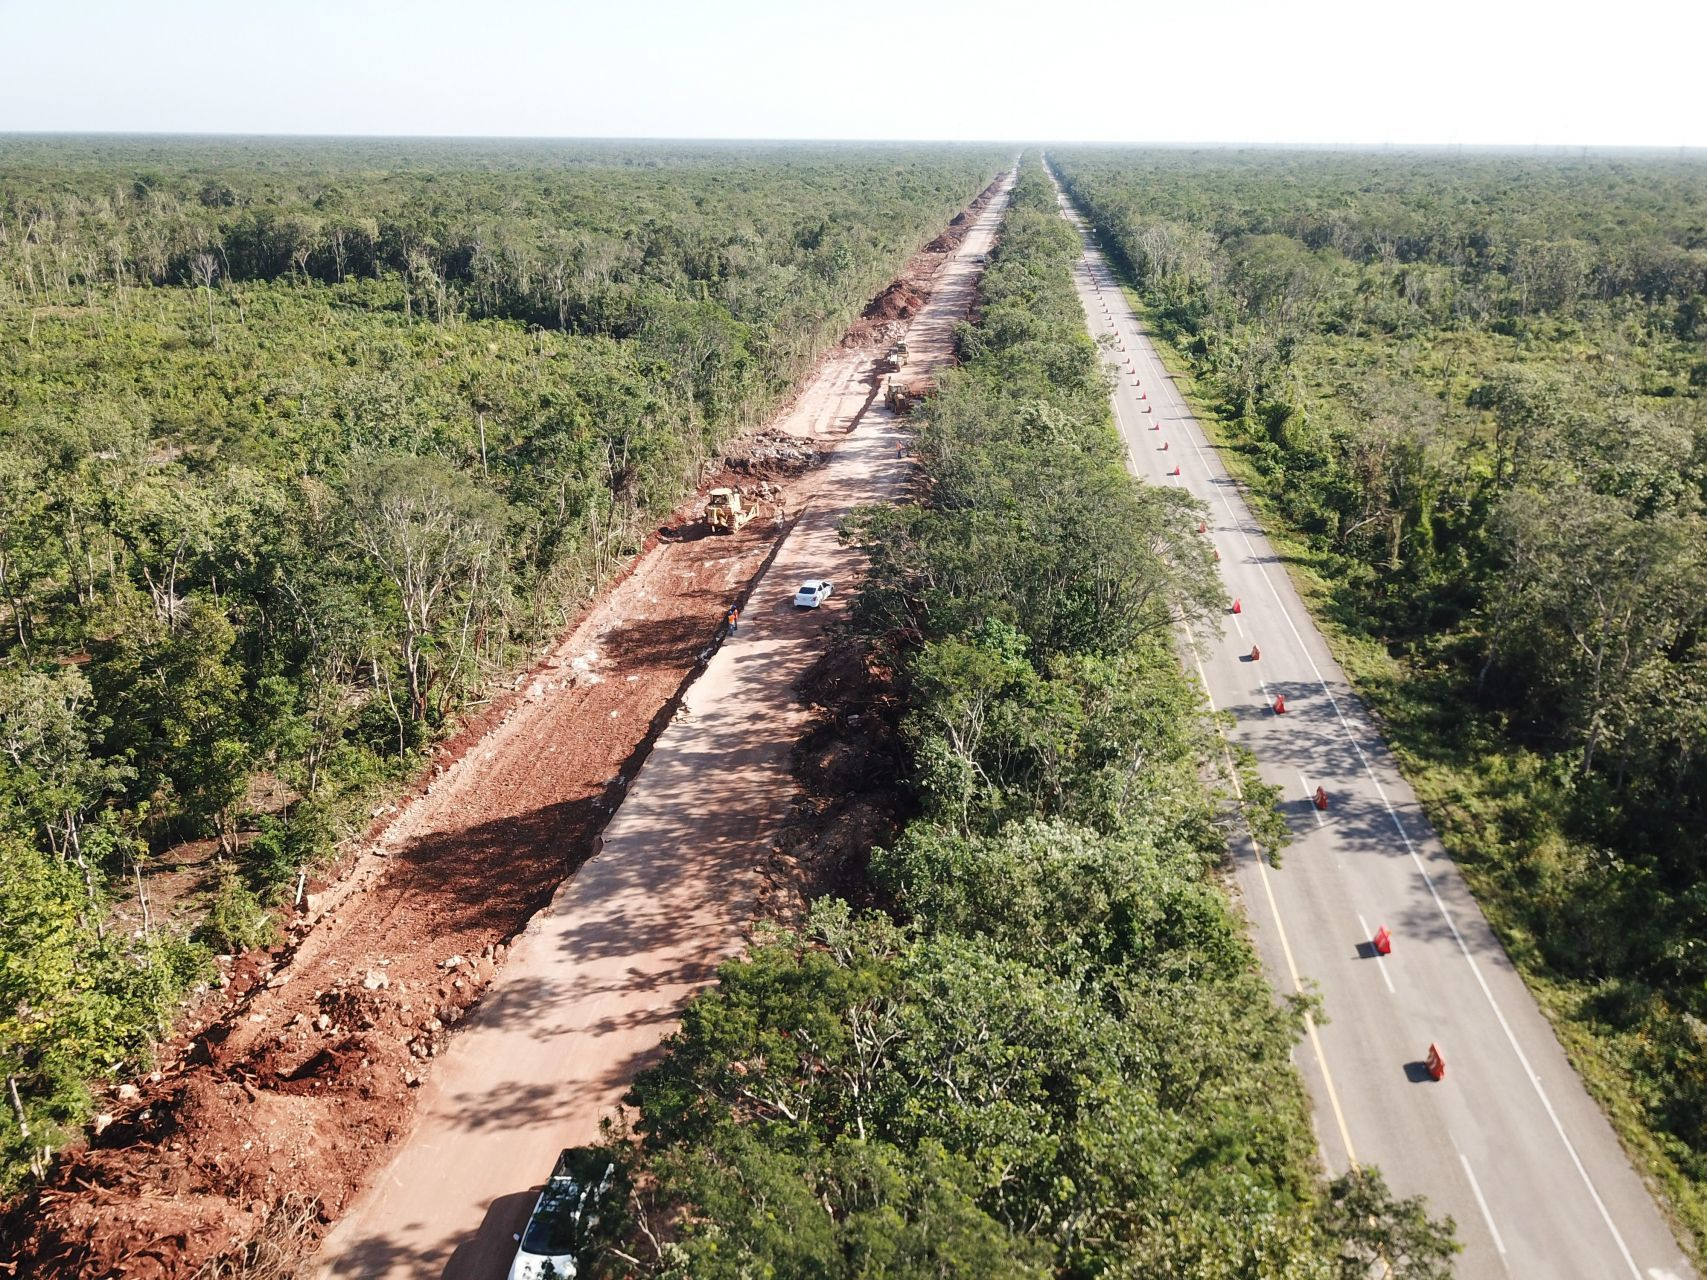 Tribunal en Yucatán confirma suspensión provisional de obras del Tren Maya